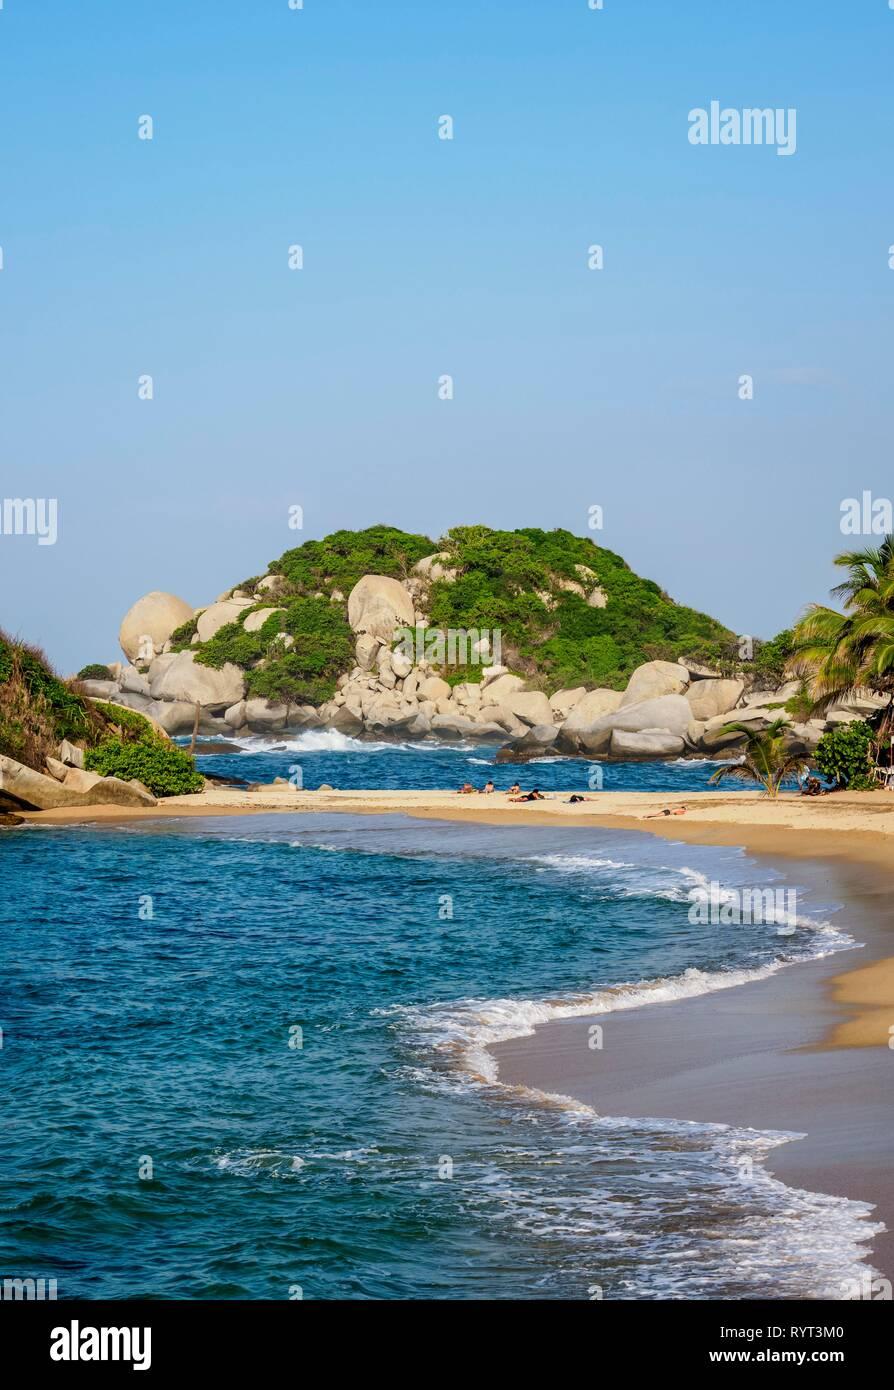 El Cabo San Juan del Guia beach, Tayrona National Natural Park, Magdalena Department, Caribbean, Colombia - Stock Image